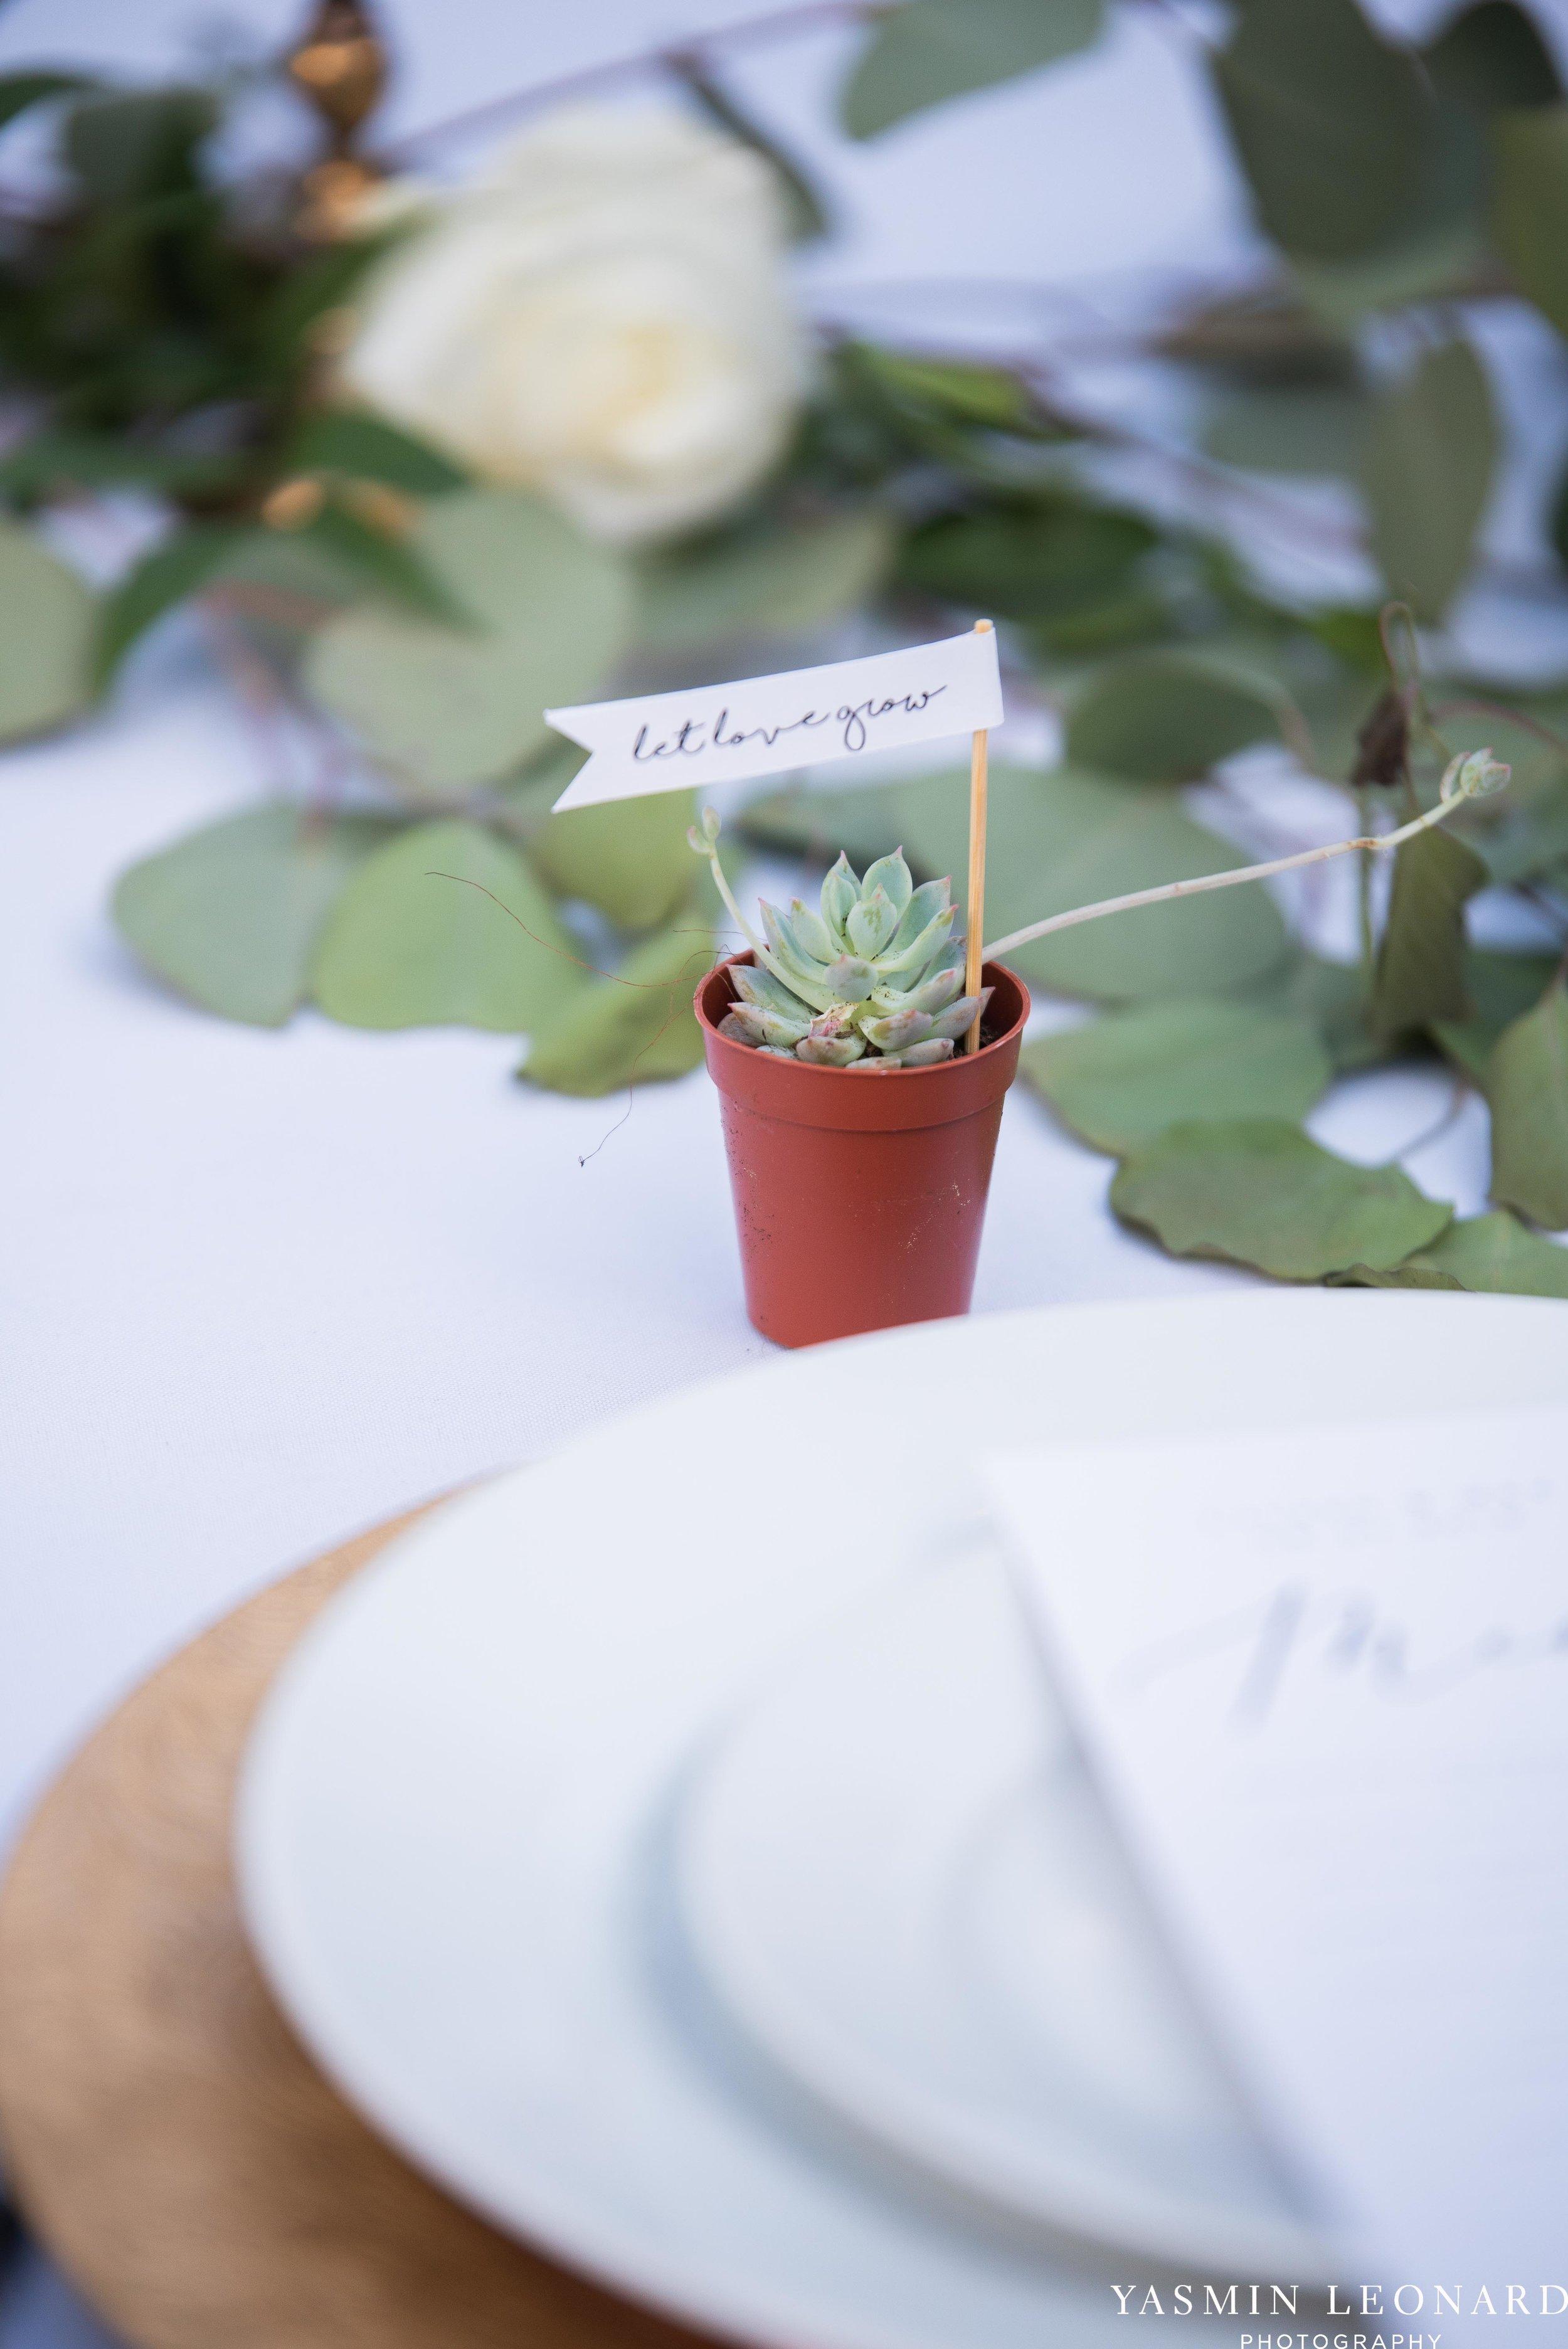 Boxwood Estate - Boxwood Estate Wedding - Luxury Wedding - Black and White Wedding - NC Wedding Venues - NC Weddings - NC Photographer - Lantern Release Grand Exit - Large Wedding Party - Yasmin Leonard Photography-52.jpg